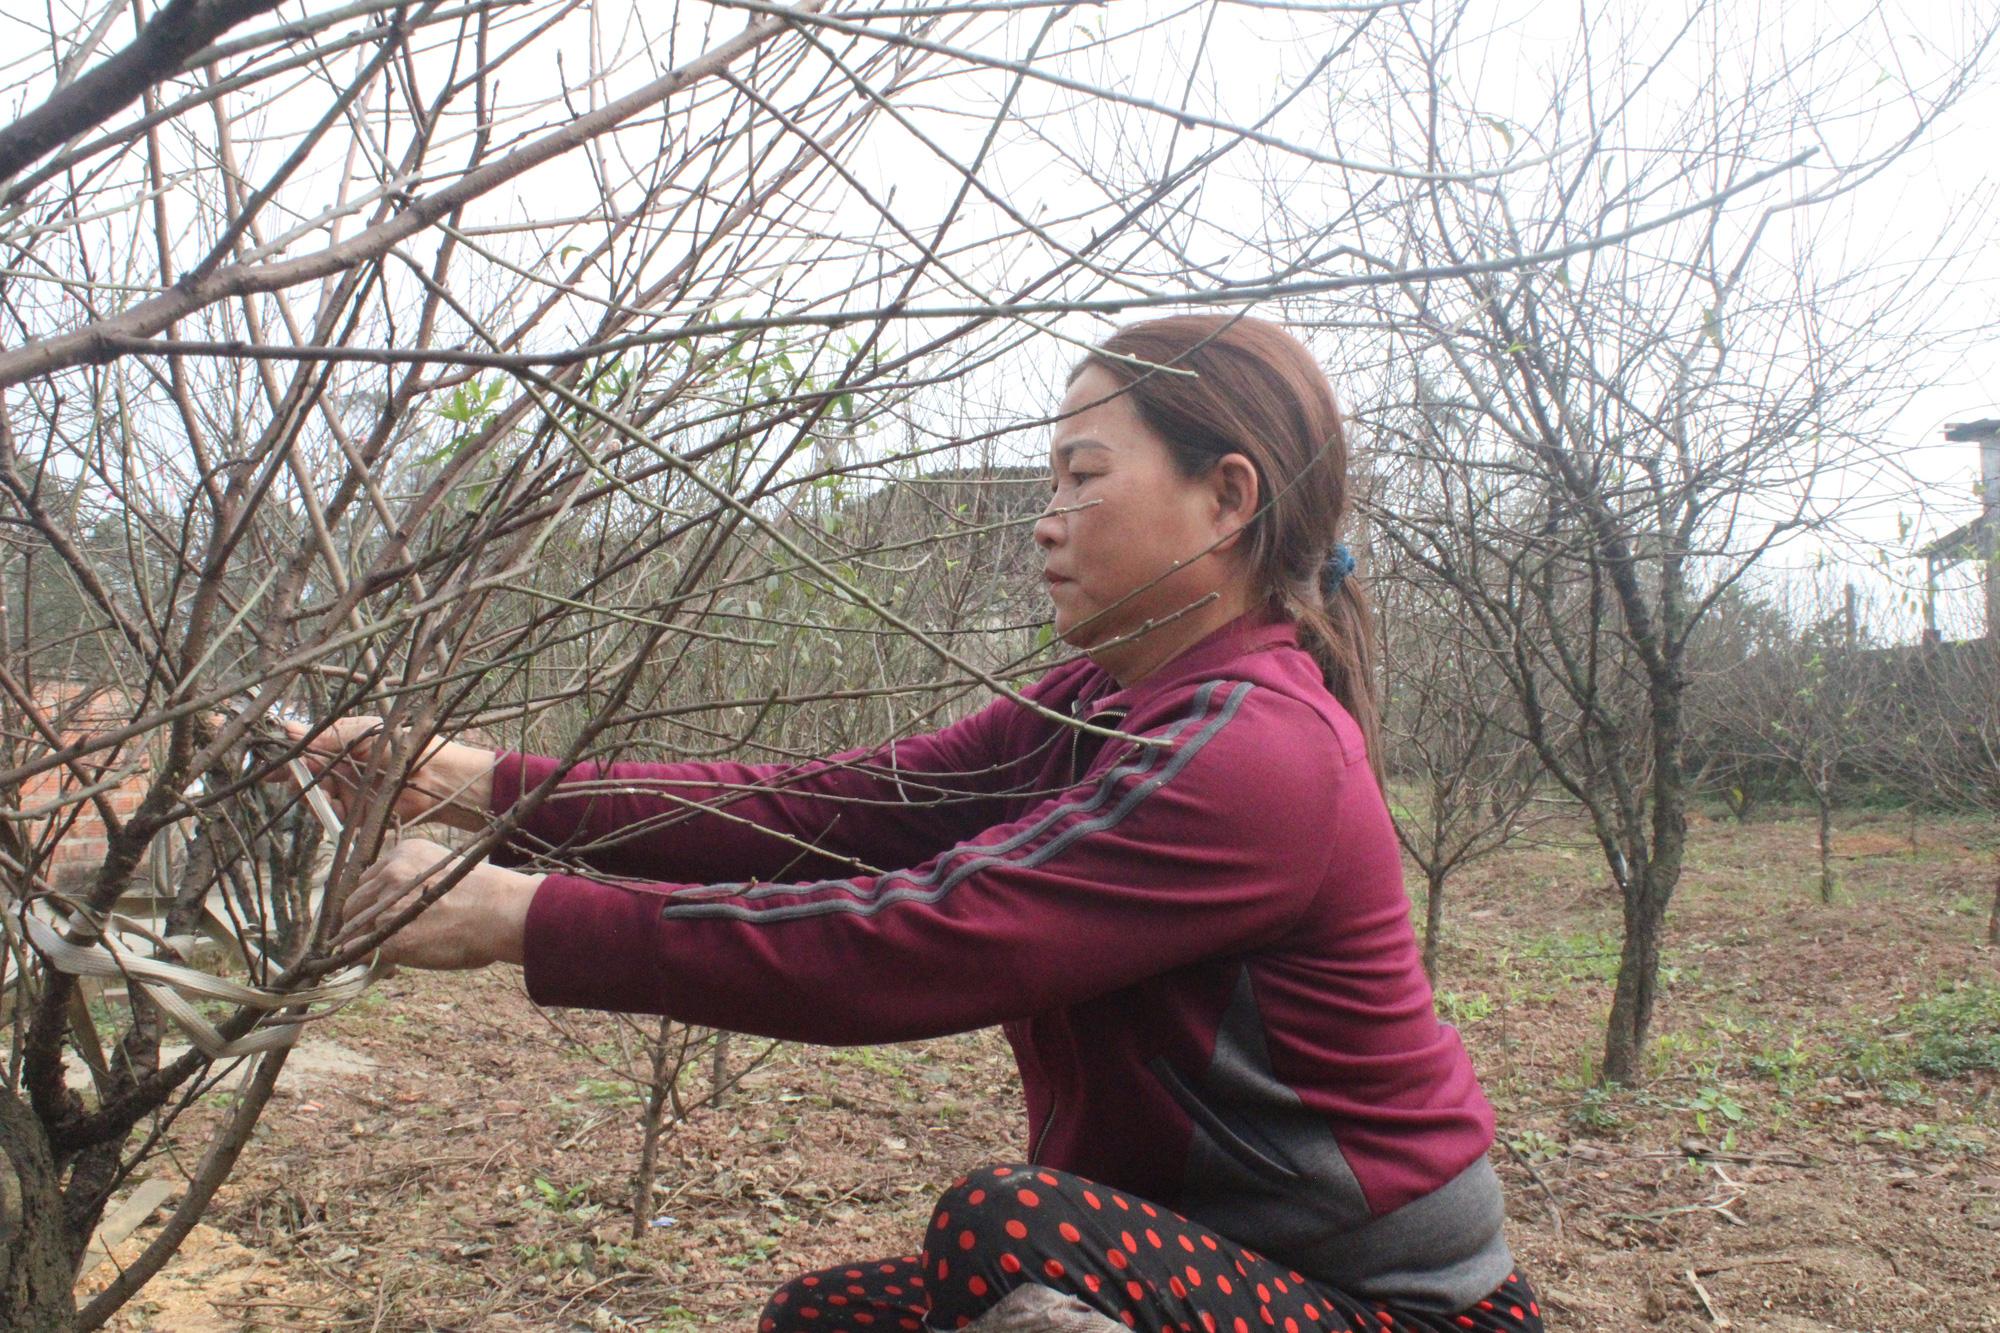 Đào rừng bị cấm, thủ phủ đào phai ở Hà Tĩnh hút khách - Ảnh 2.